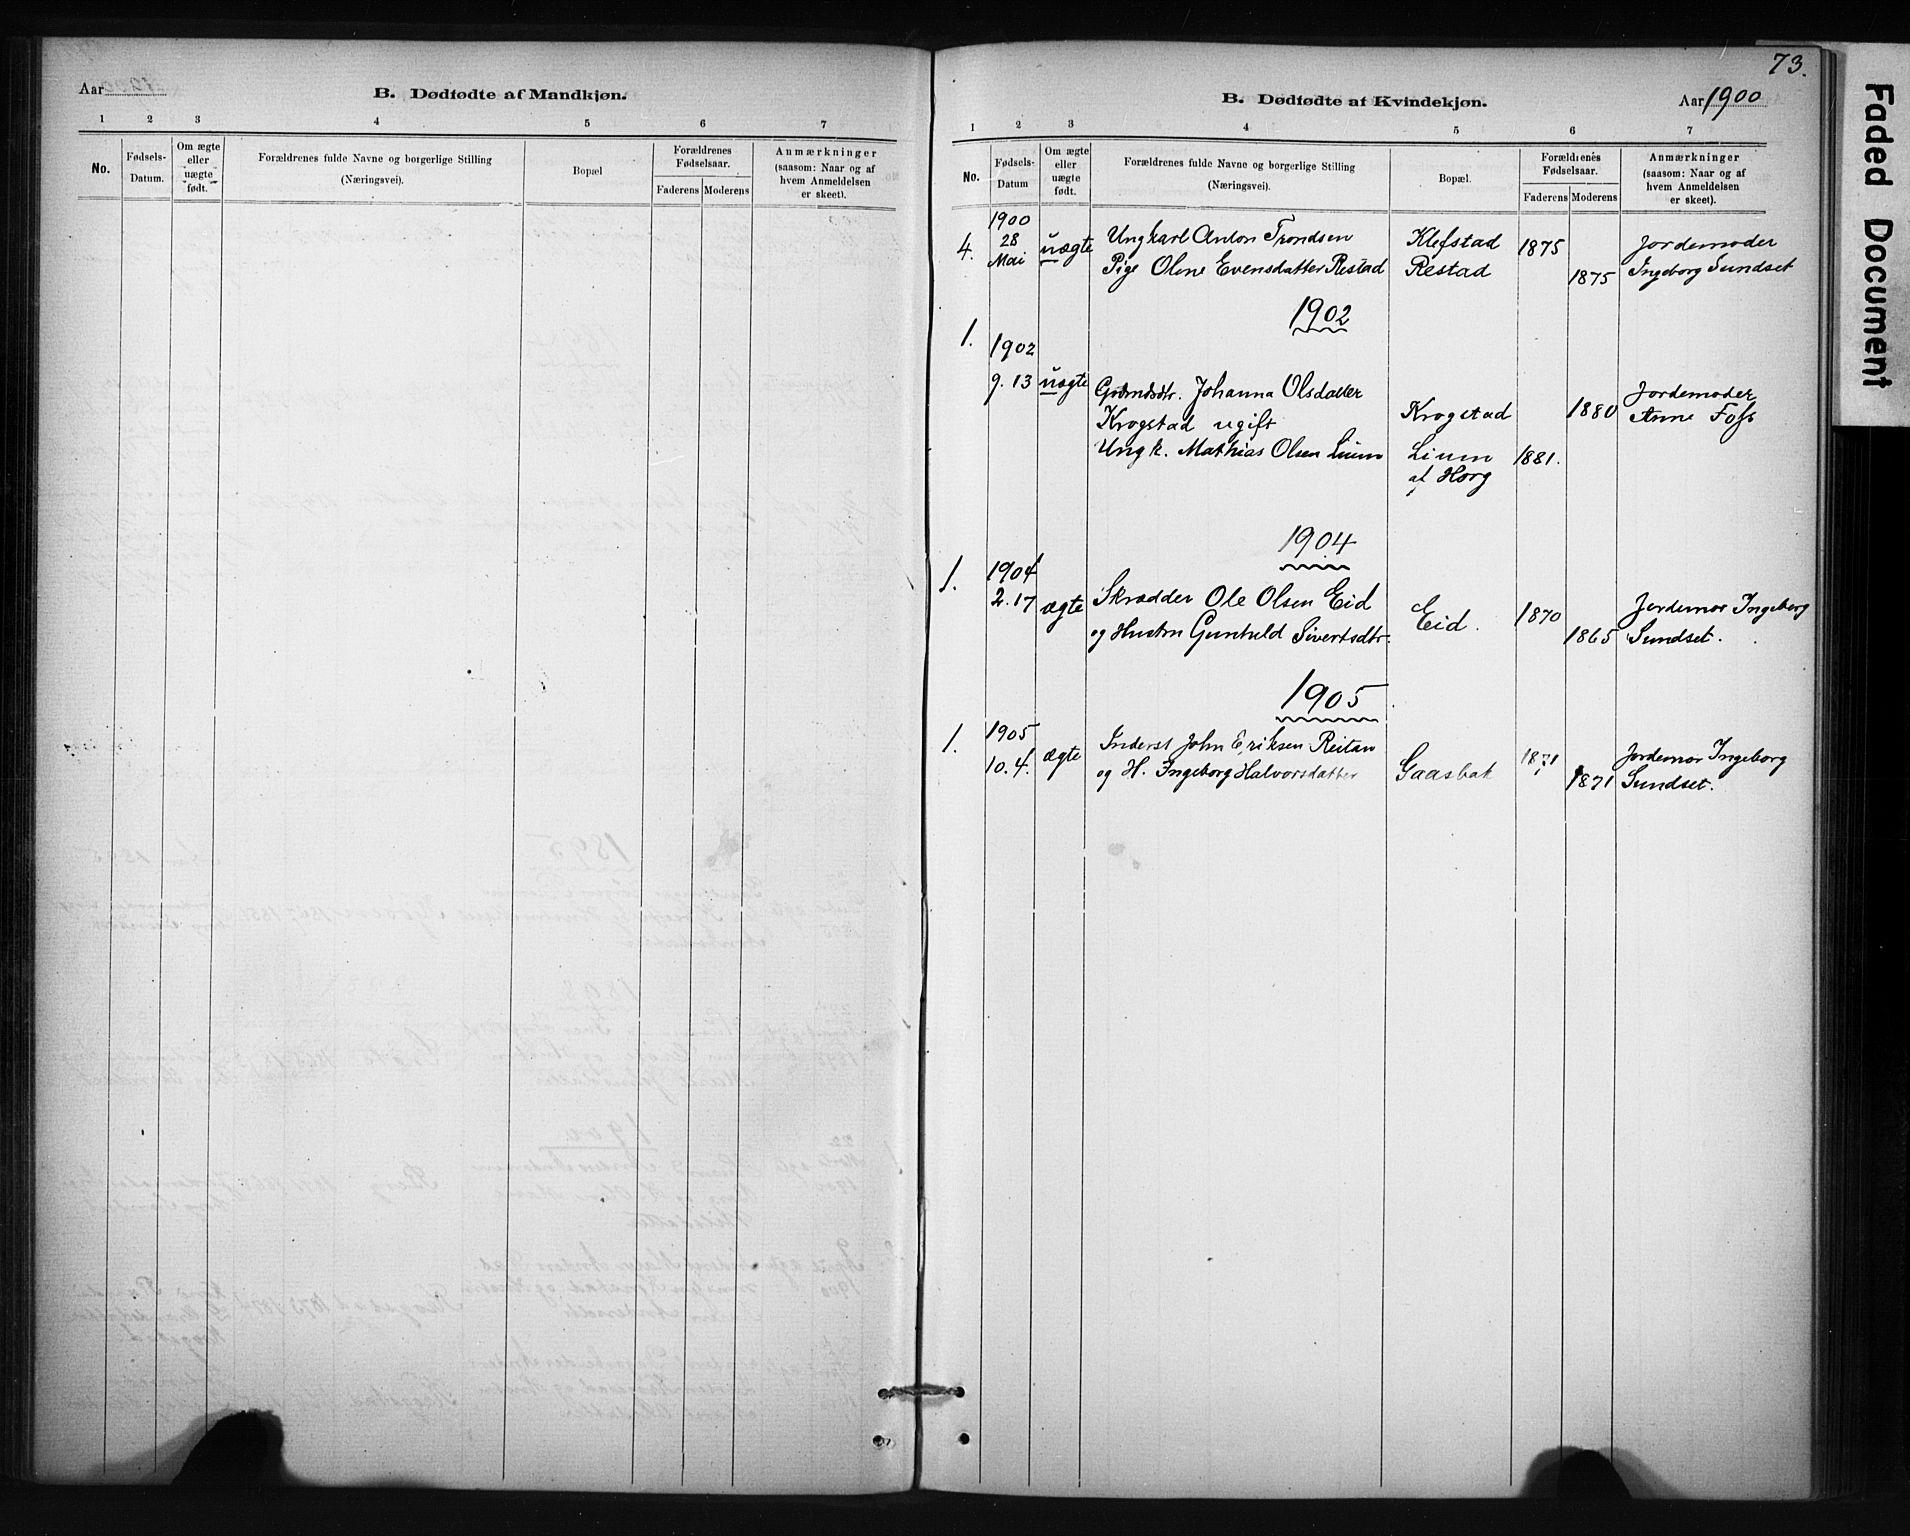 SAT, Ministerialprotokoller, klokkerbøker og fødselsregistre - Sør-Trøndelag, 694/L1127: Ministerialbok nr. 694A01, 1887-1905, s. 73